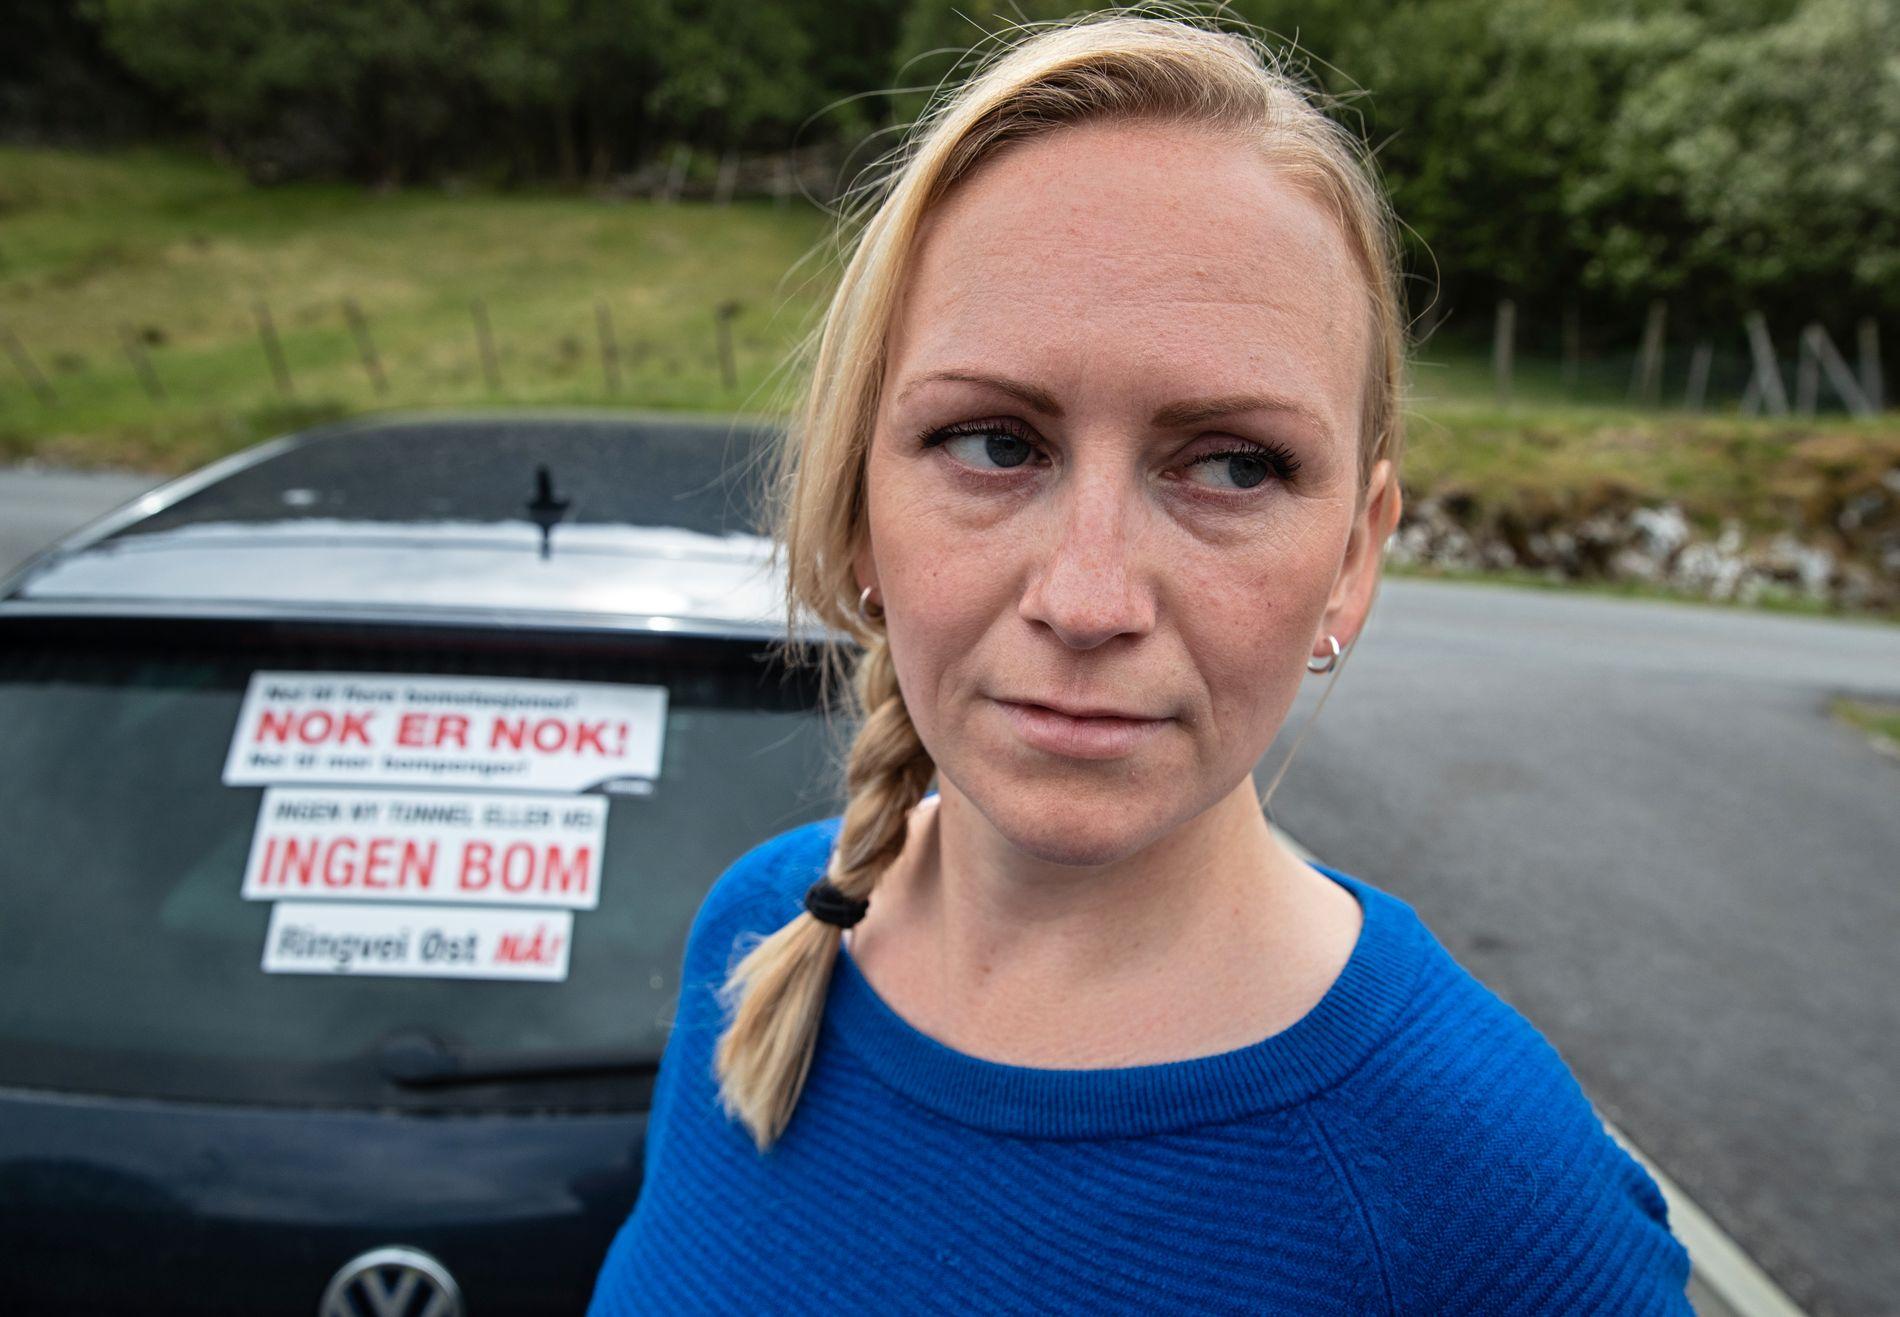 ENGASJERT: Therese Børholm (37) sitter i styret i velforeningen på Hetlebakken i Bergen, og har engasjert seg i kampen mot bompenger.